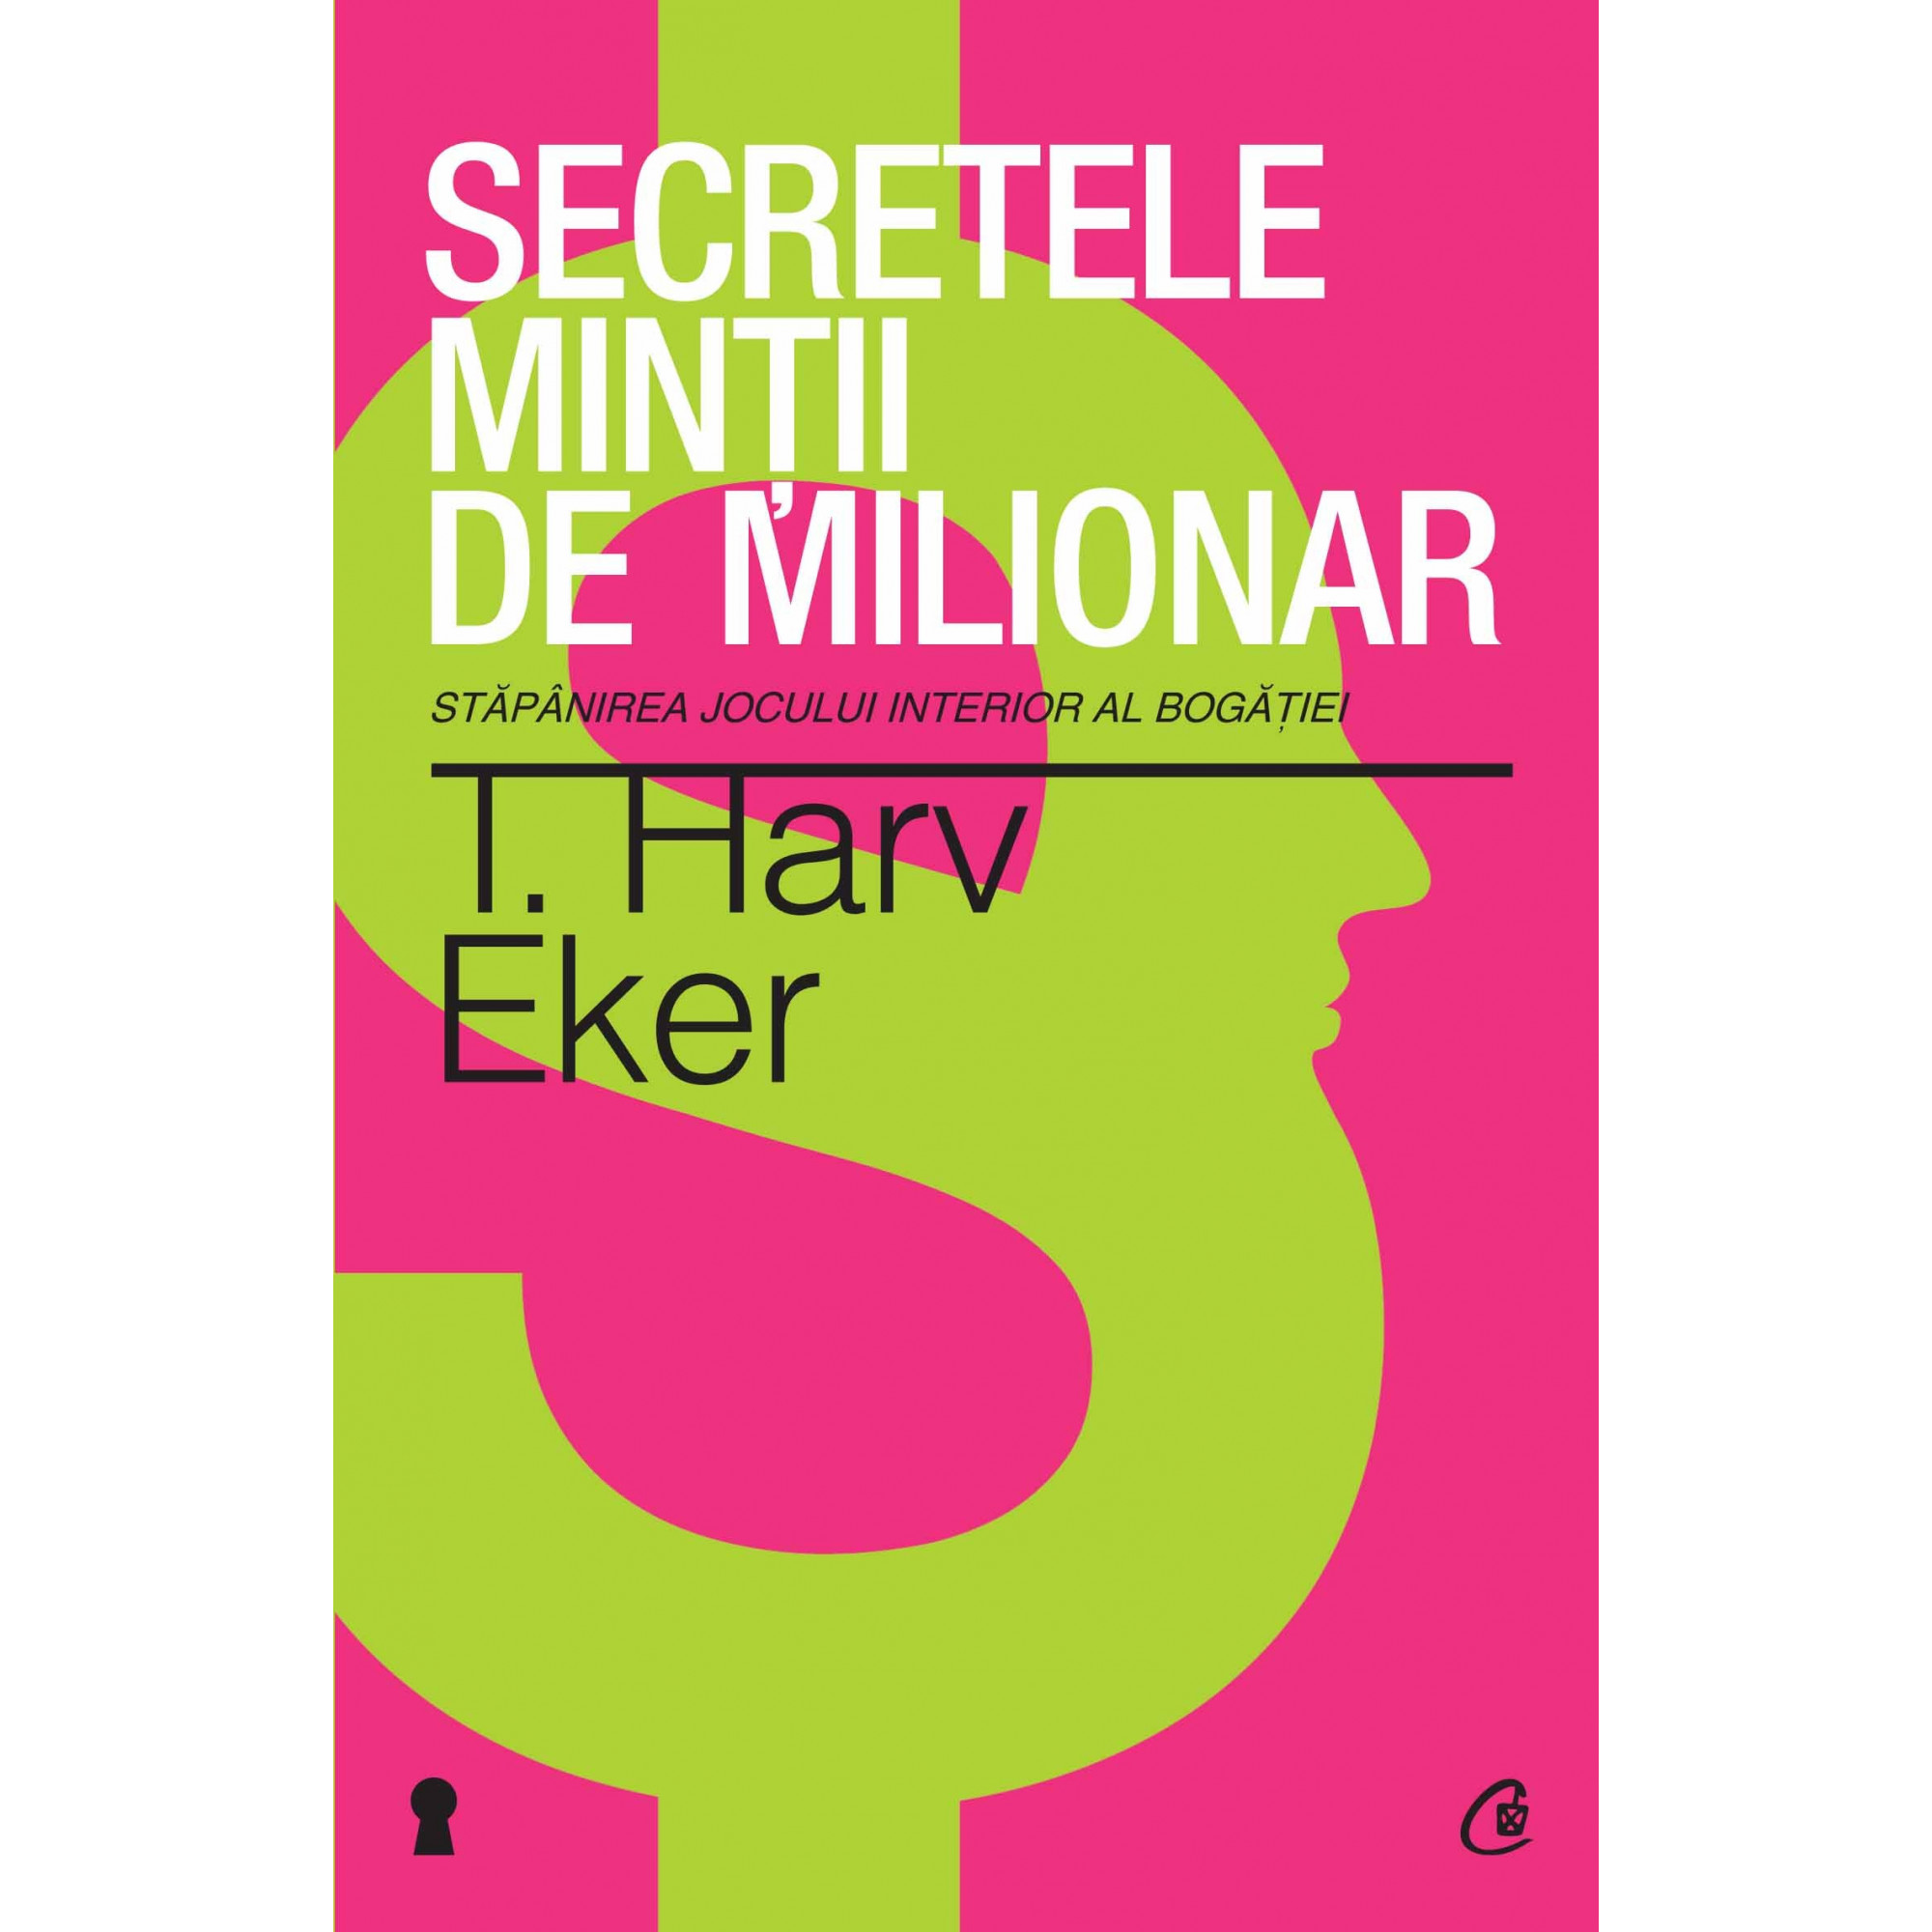 Secretele minţii de milionar. Ediţia a III-a. Stăpânirea jocului interior al bogăţiei; T. Harv Eker